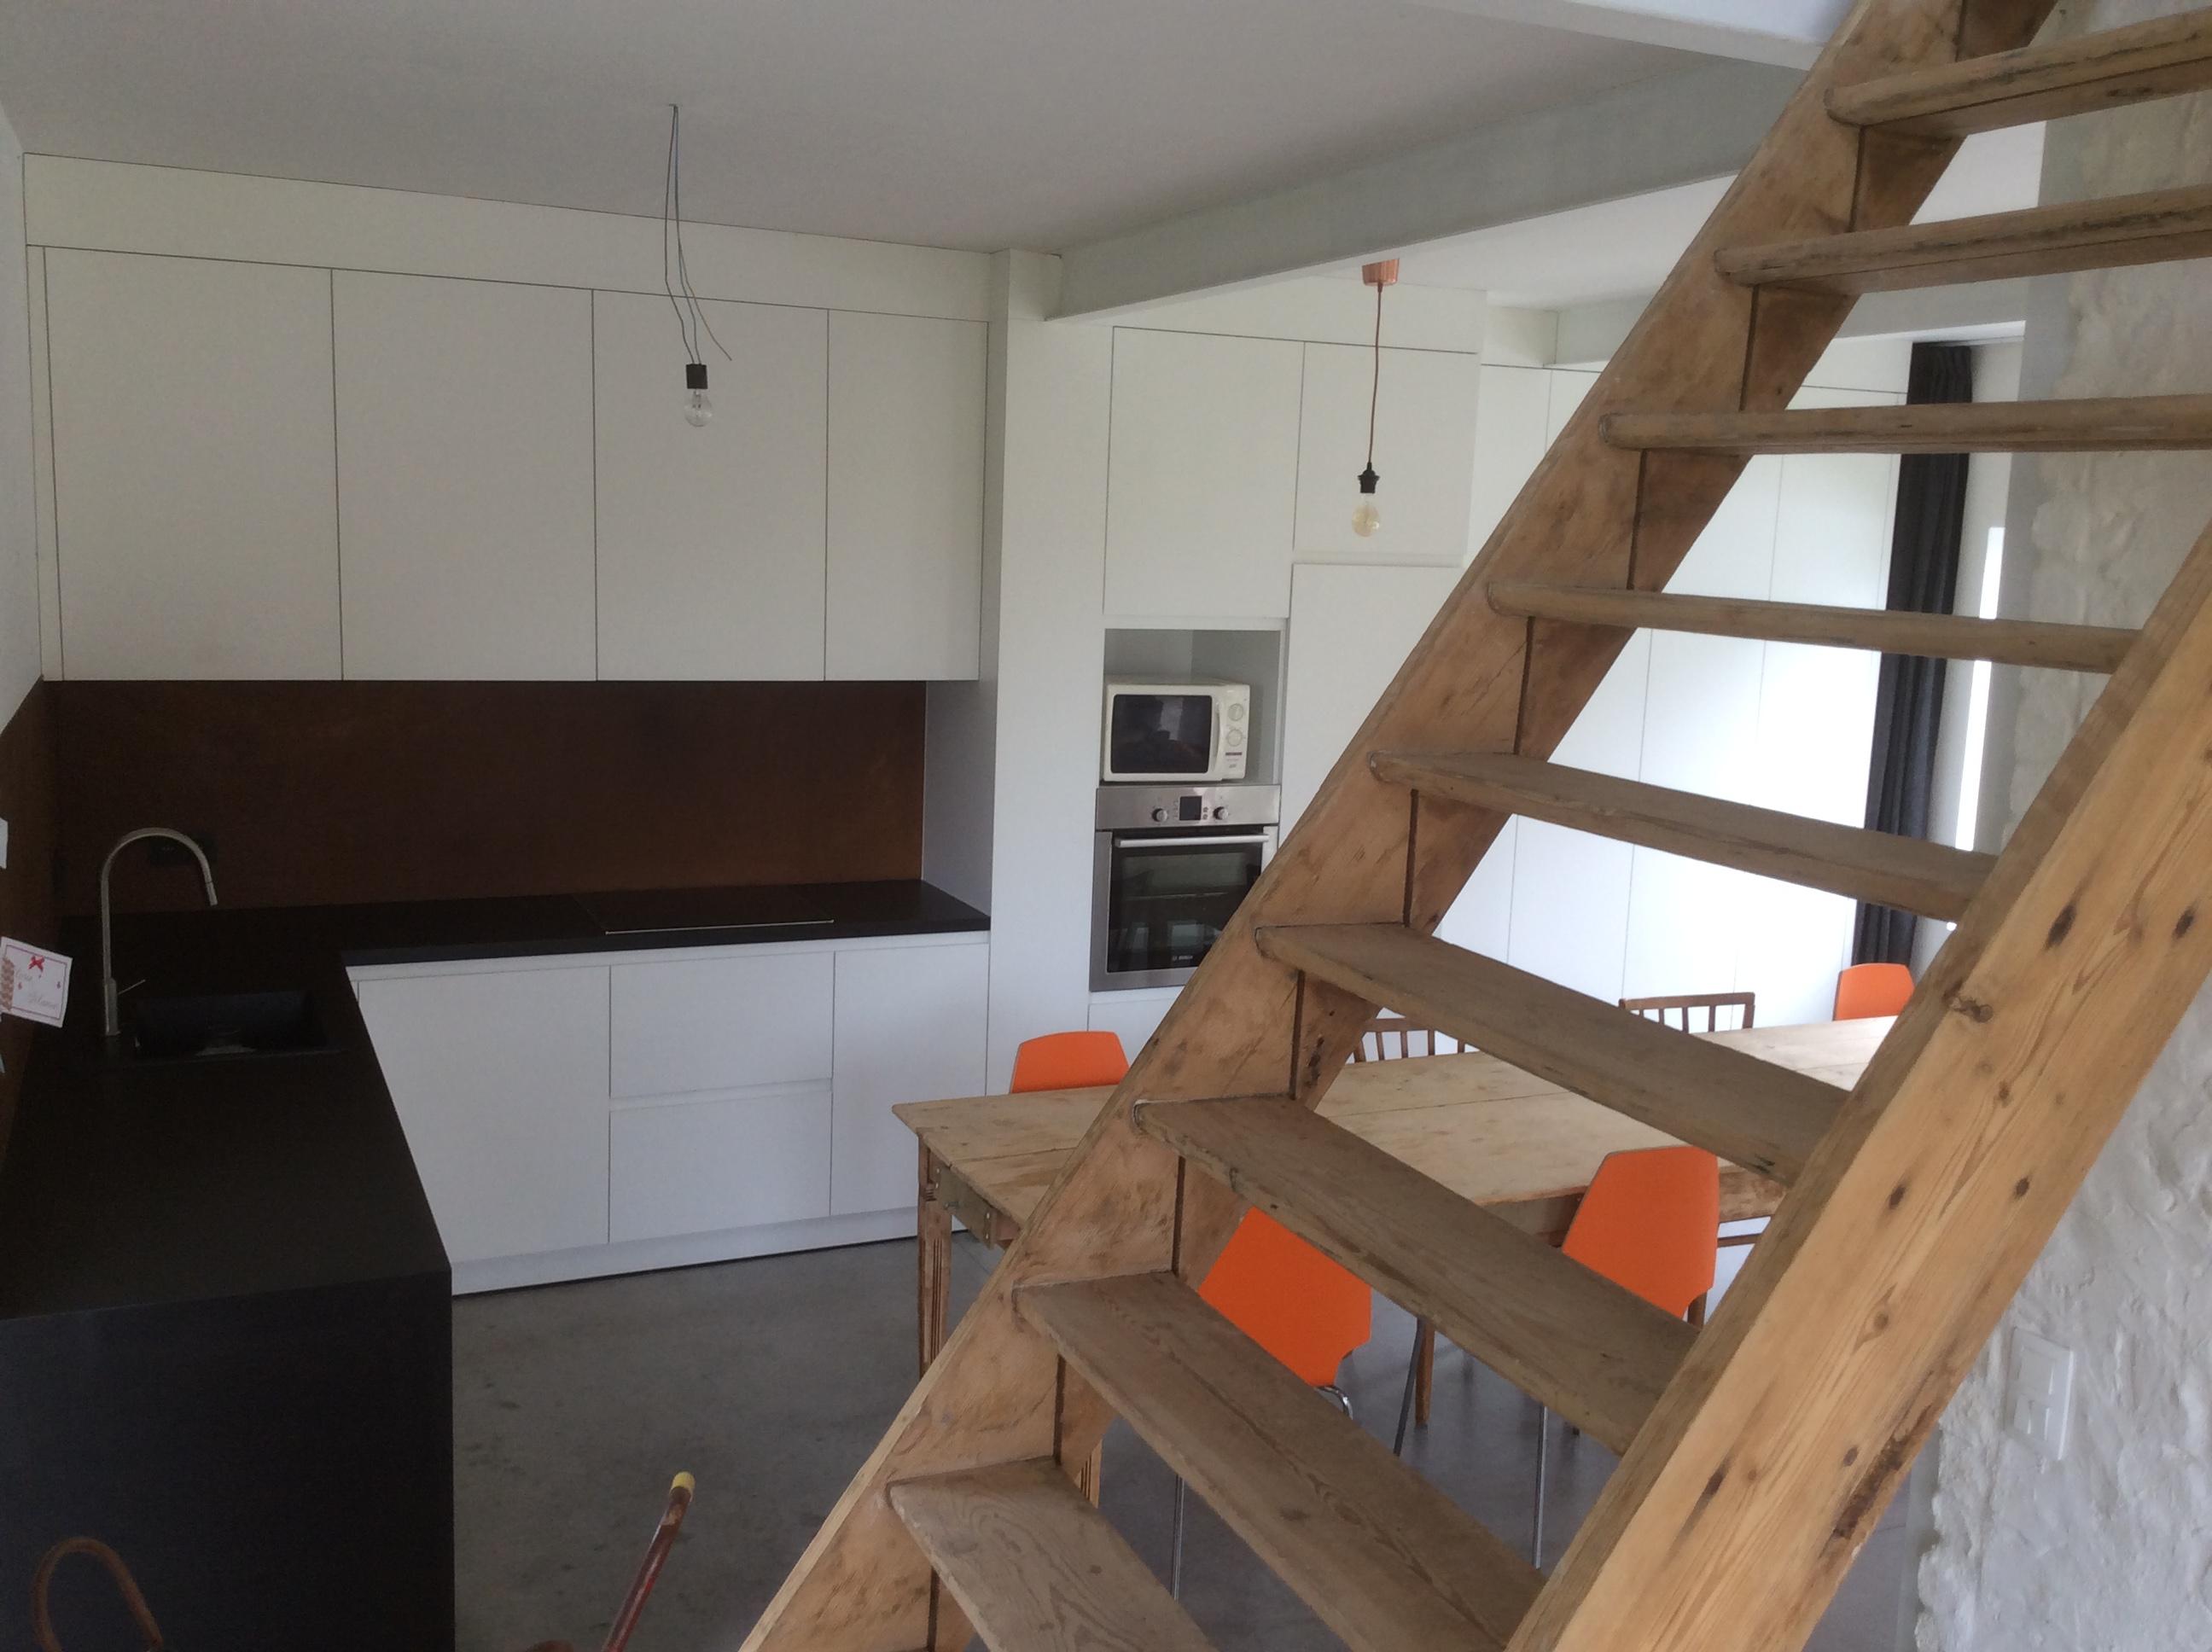 Laminaat achterwand keuken: laminaat laten leggen ikea elegant